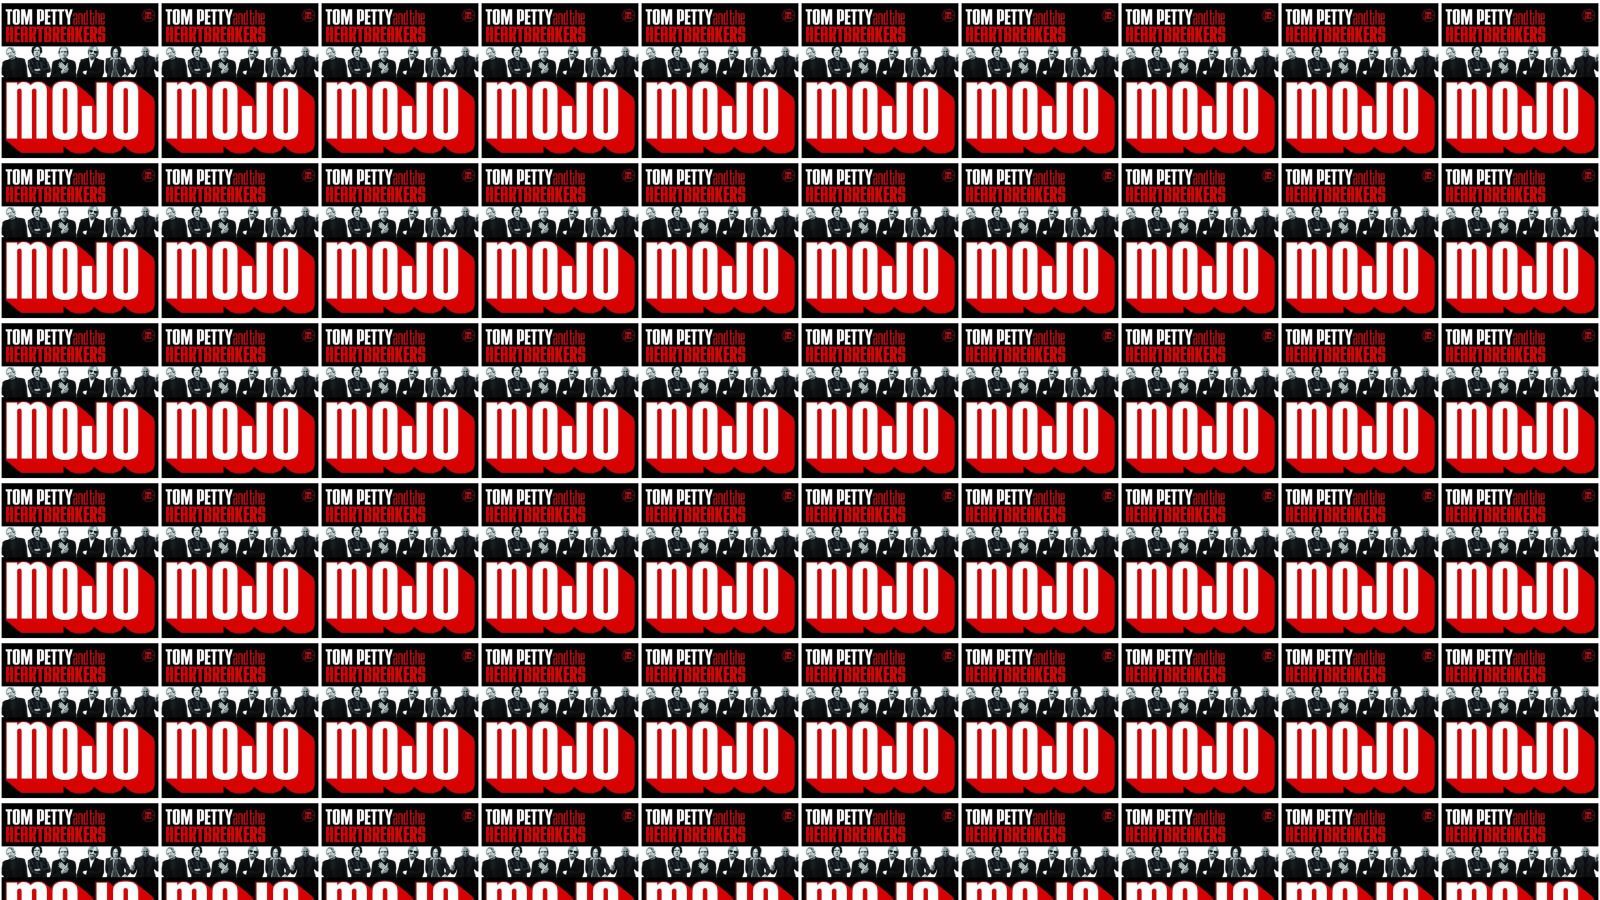 Tom Petty Heartbreakers Mojo Wallpaper Tiled Desktop Wallpaper